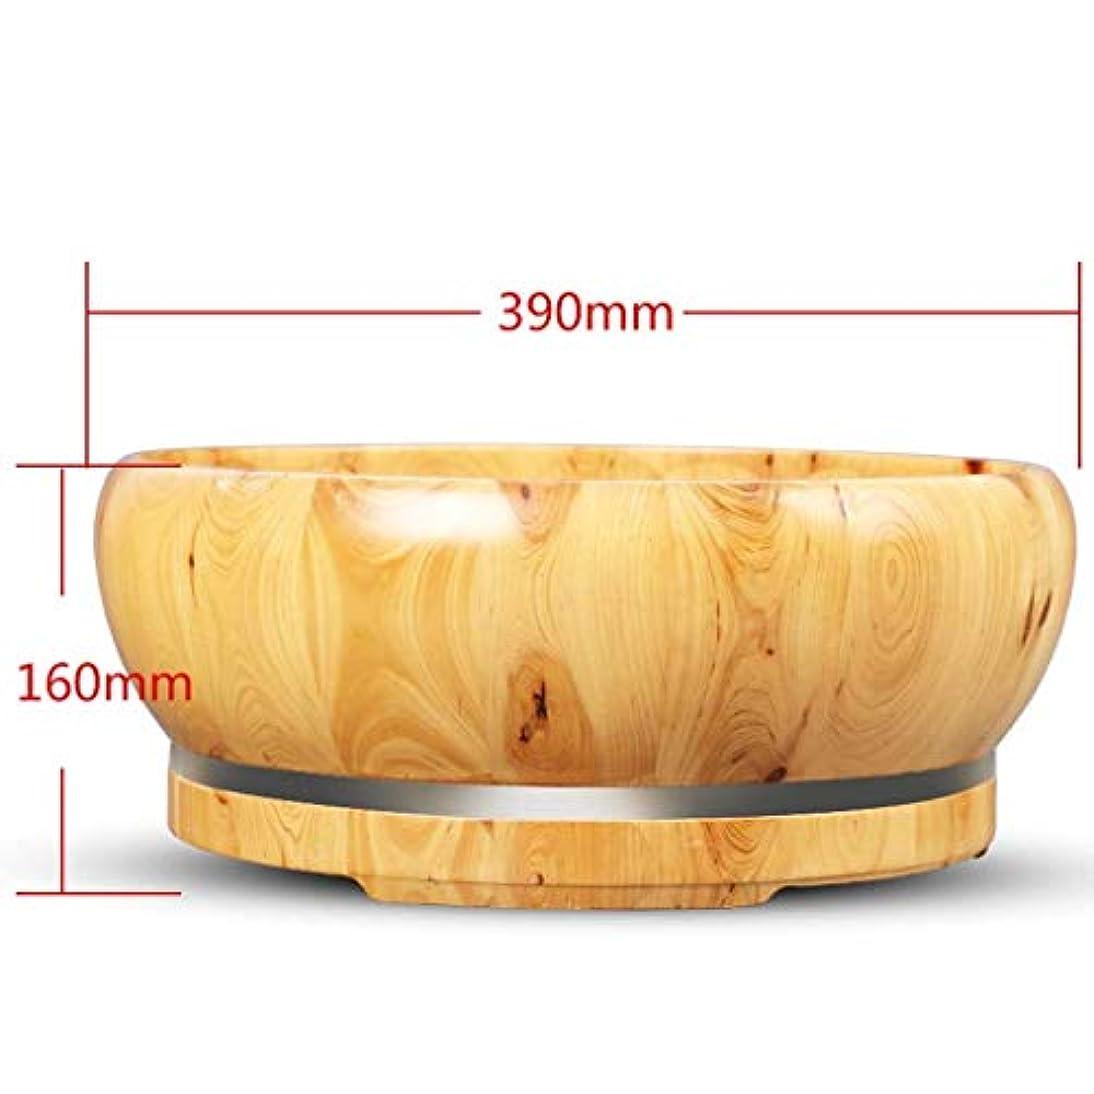 周術期鳴らす許容できるス浴槽 フットスパ浴槽、木製フットバスボウル家庭用洗面器Fu蒸バレルフットケア浴槽バケットペディキュア肥厚断熱ボウル美容 (Color : Cedar B)